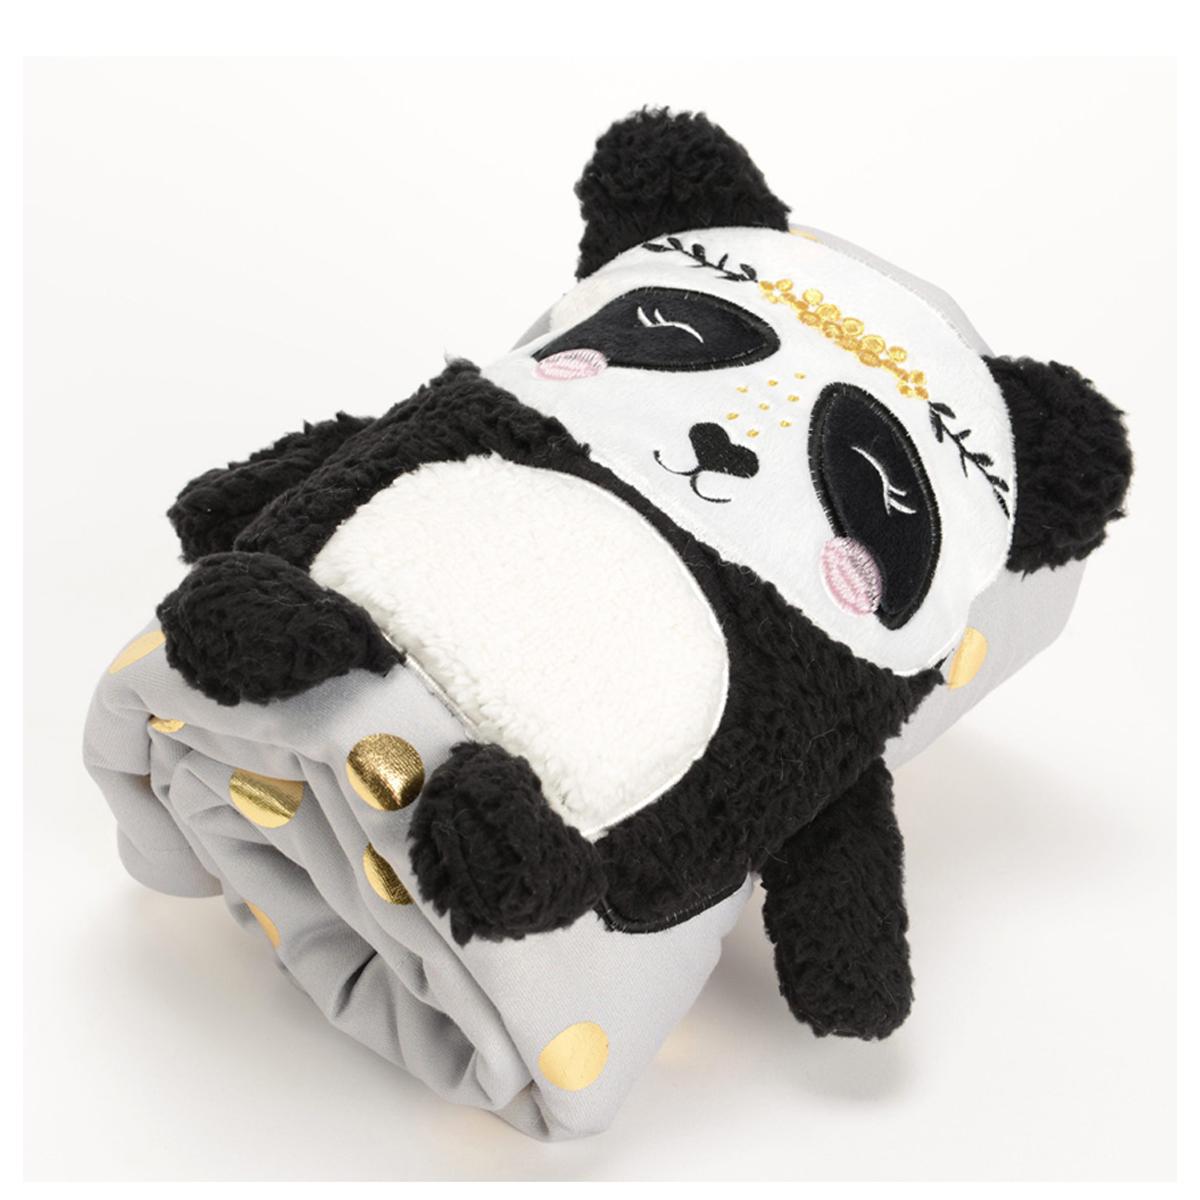 Plaid peluche \'Panda\' noir blanc gris - 100x75 cm - [Q9559]